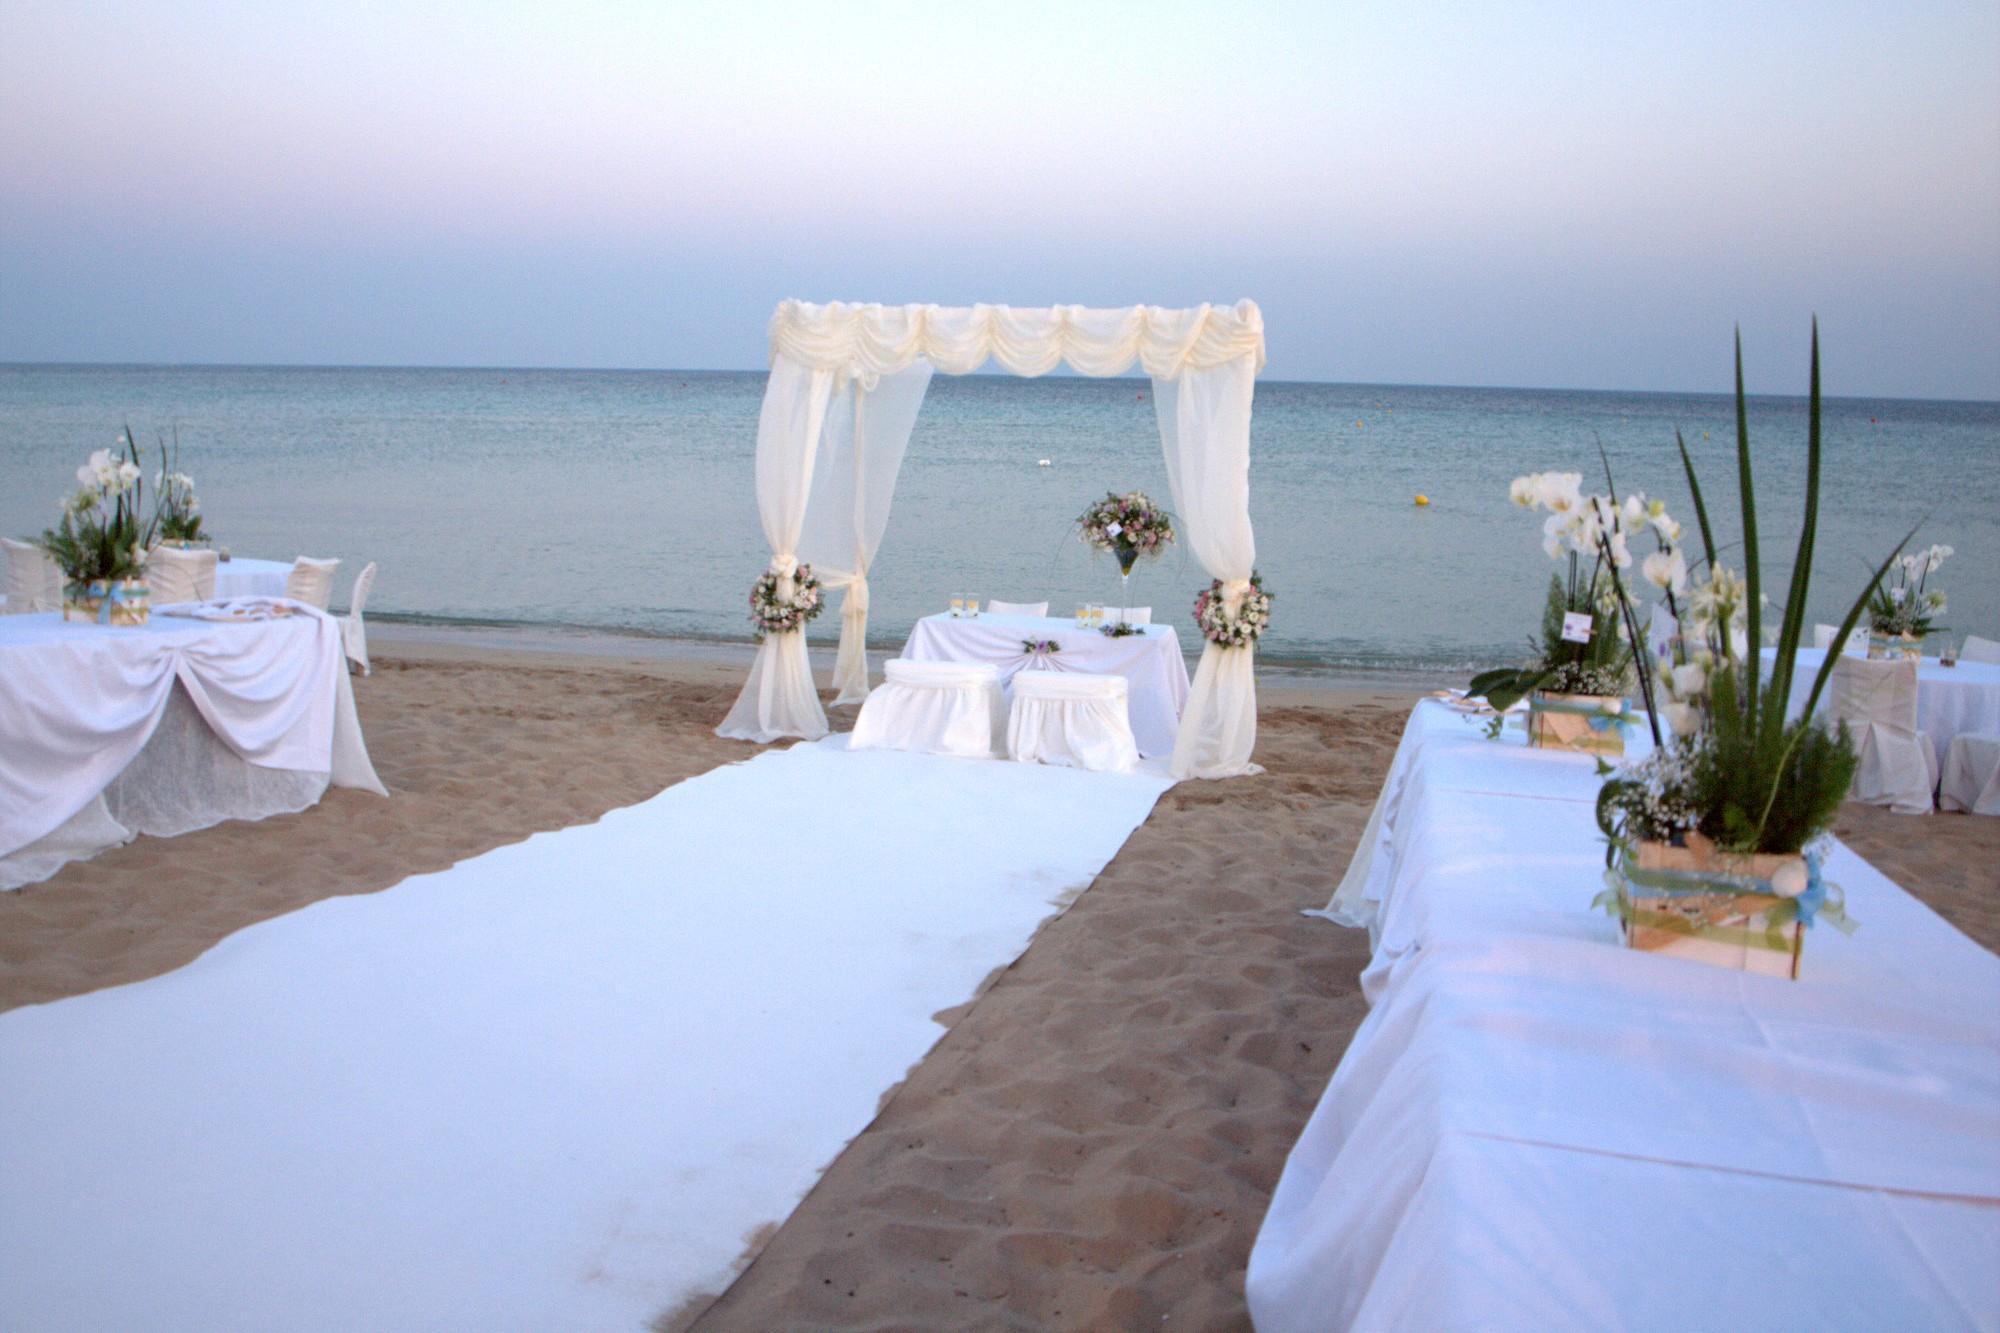 Matrimonio In Spiaggia Europa : Matrimoni all aperto anche in italia la rivoluzione